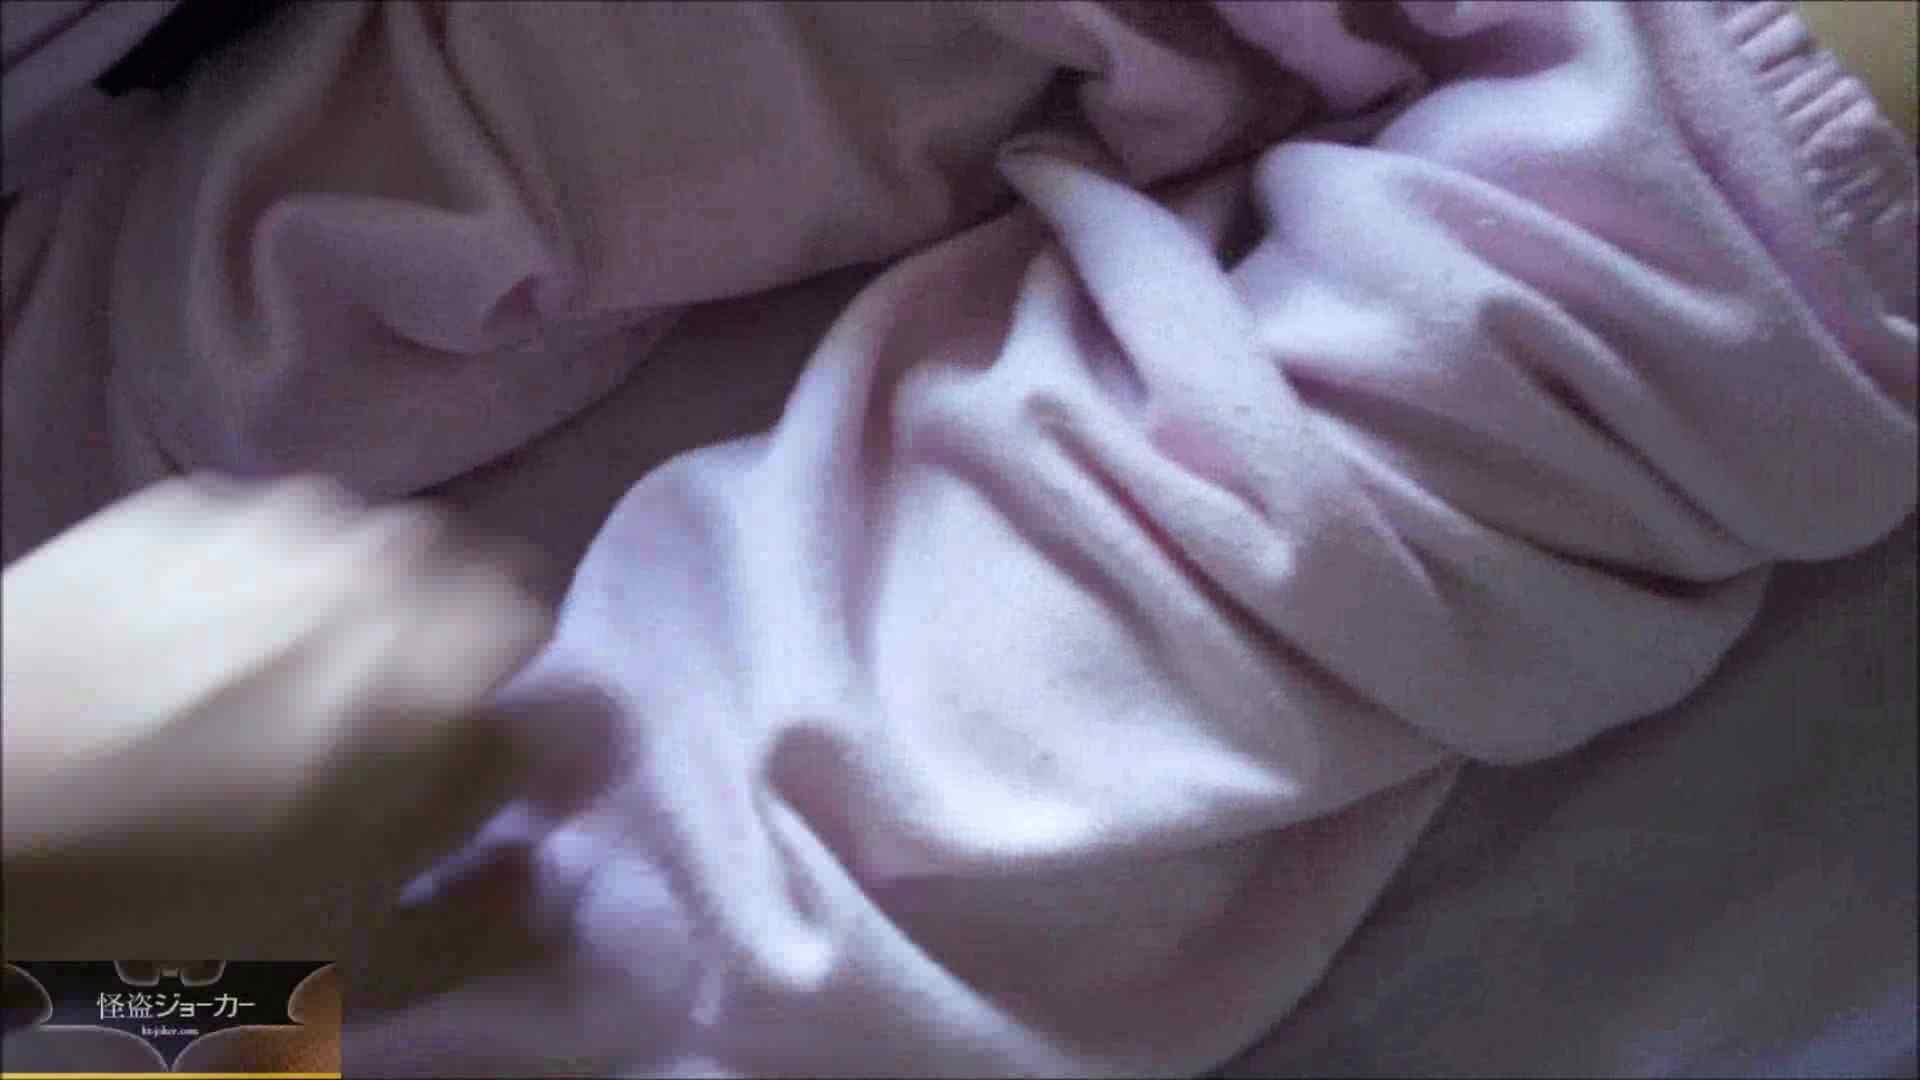 【未公開】vol.1 【ユリナの実女市・ヒトミ】若ママを目民らせて・・・ いじくり 性交動画流出 54画像 39